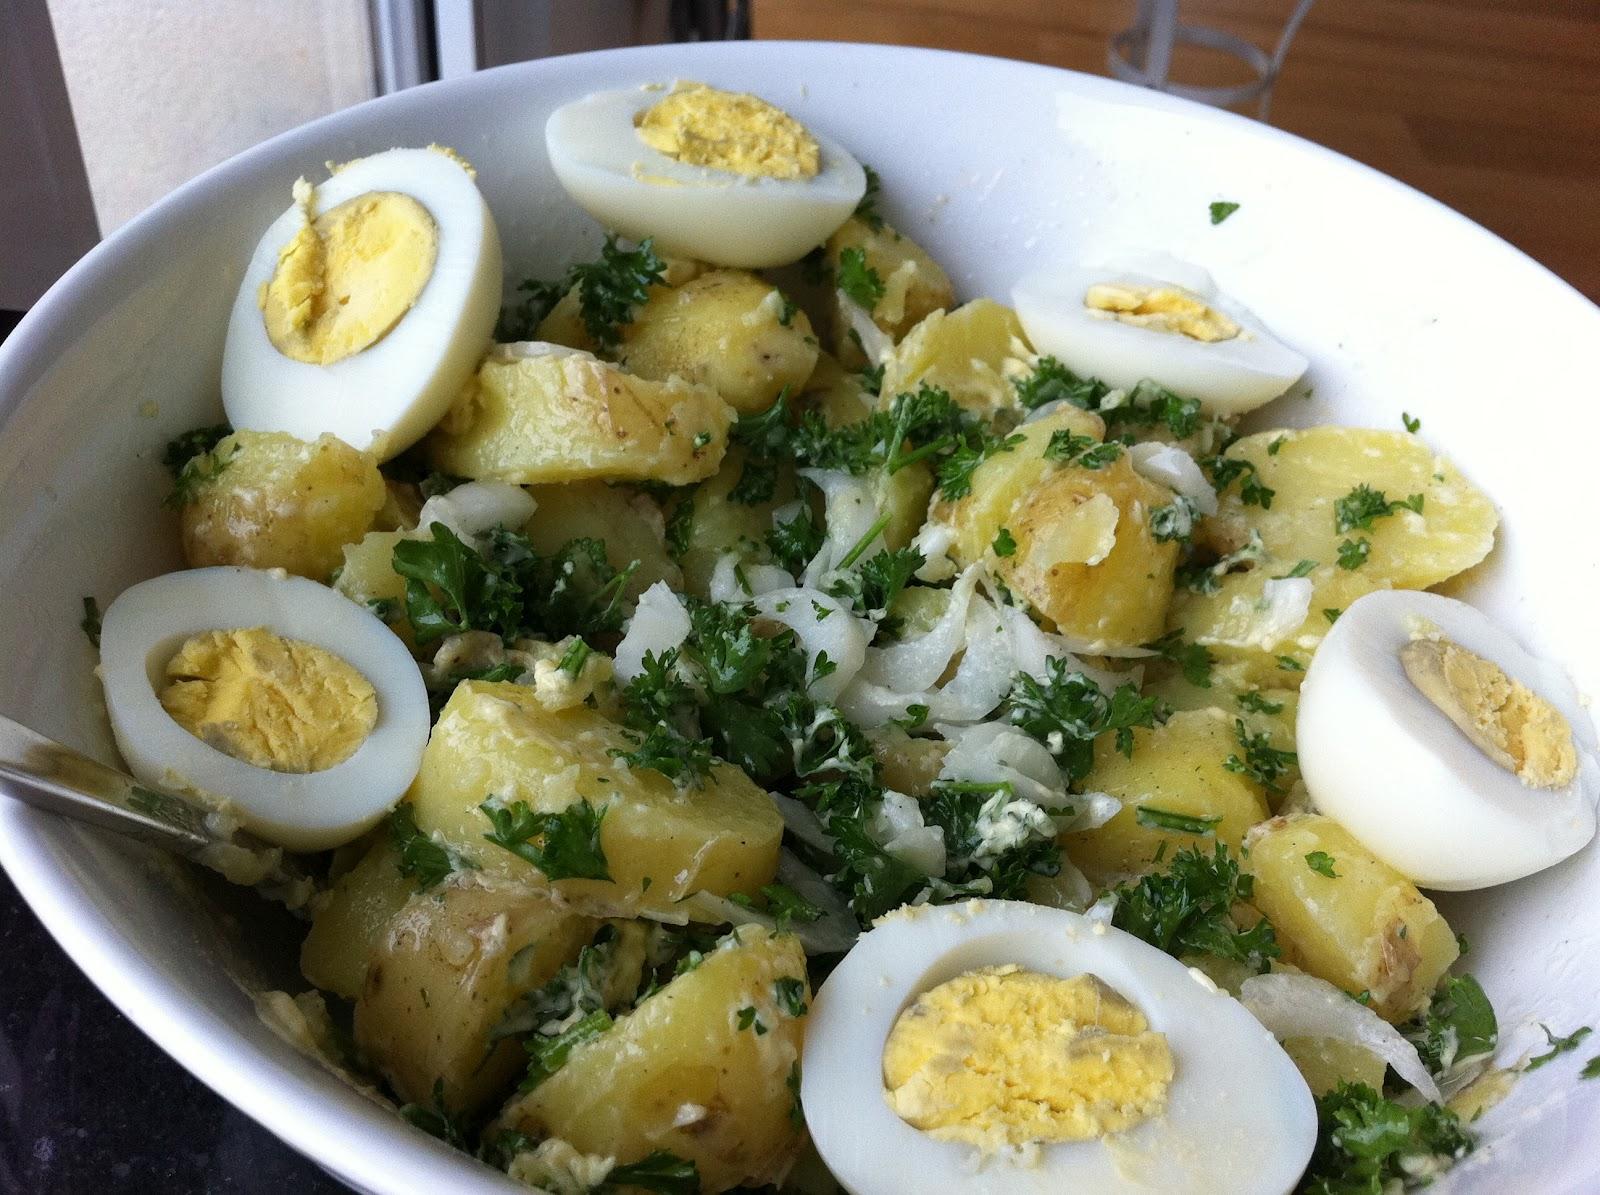 Recette De Salade De Pommes De Terre Au Thon Et œufs Durs Facile A Faire